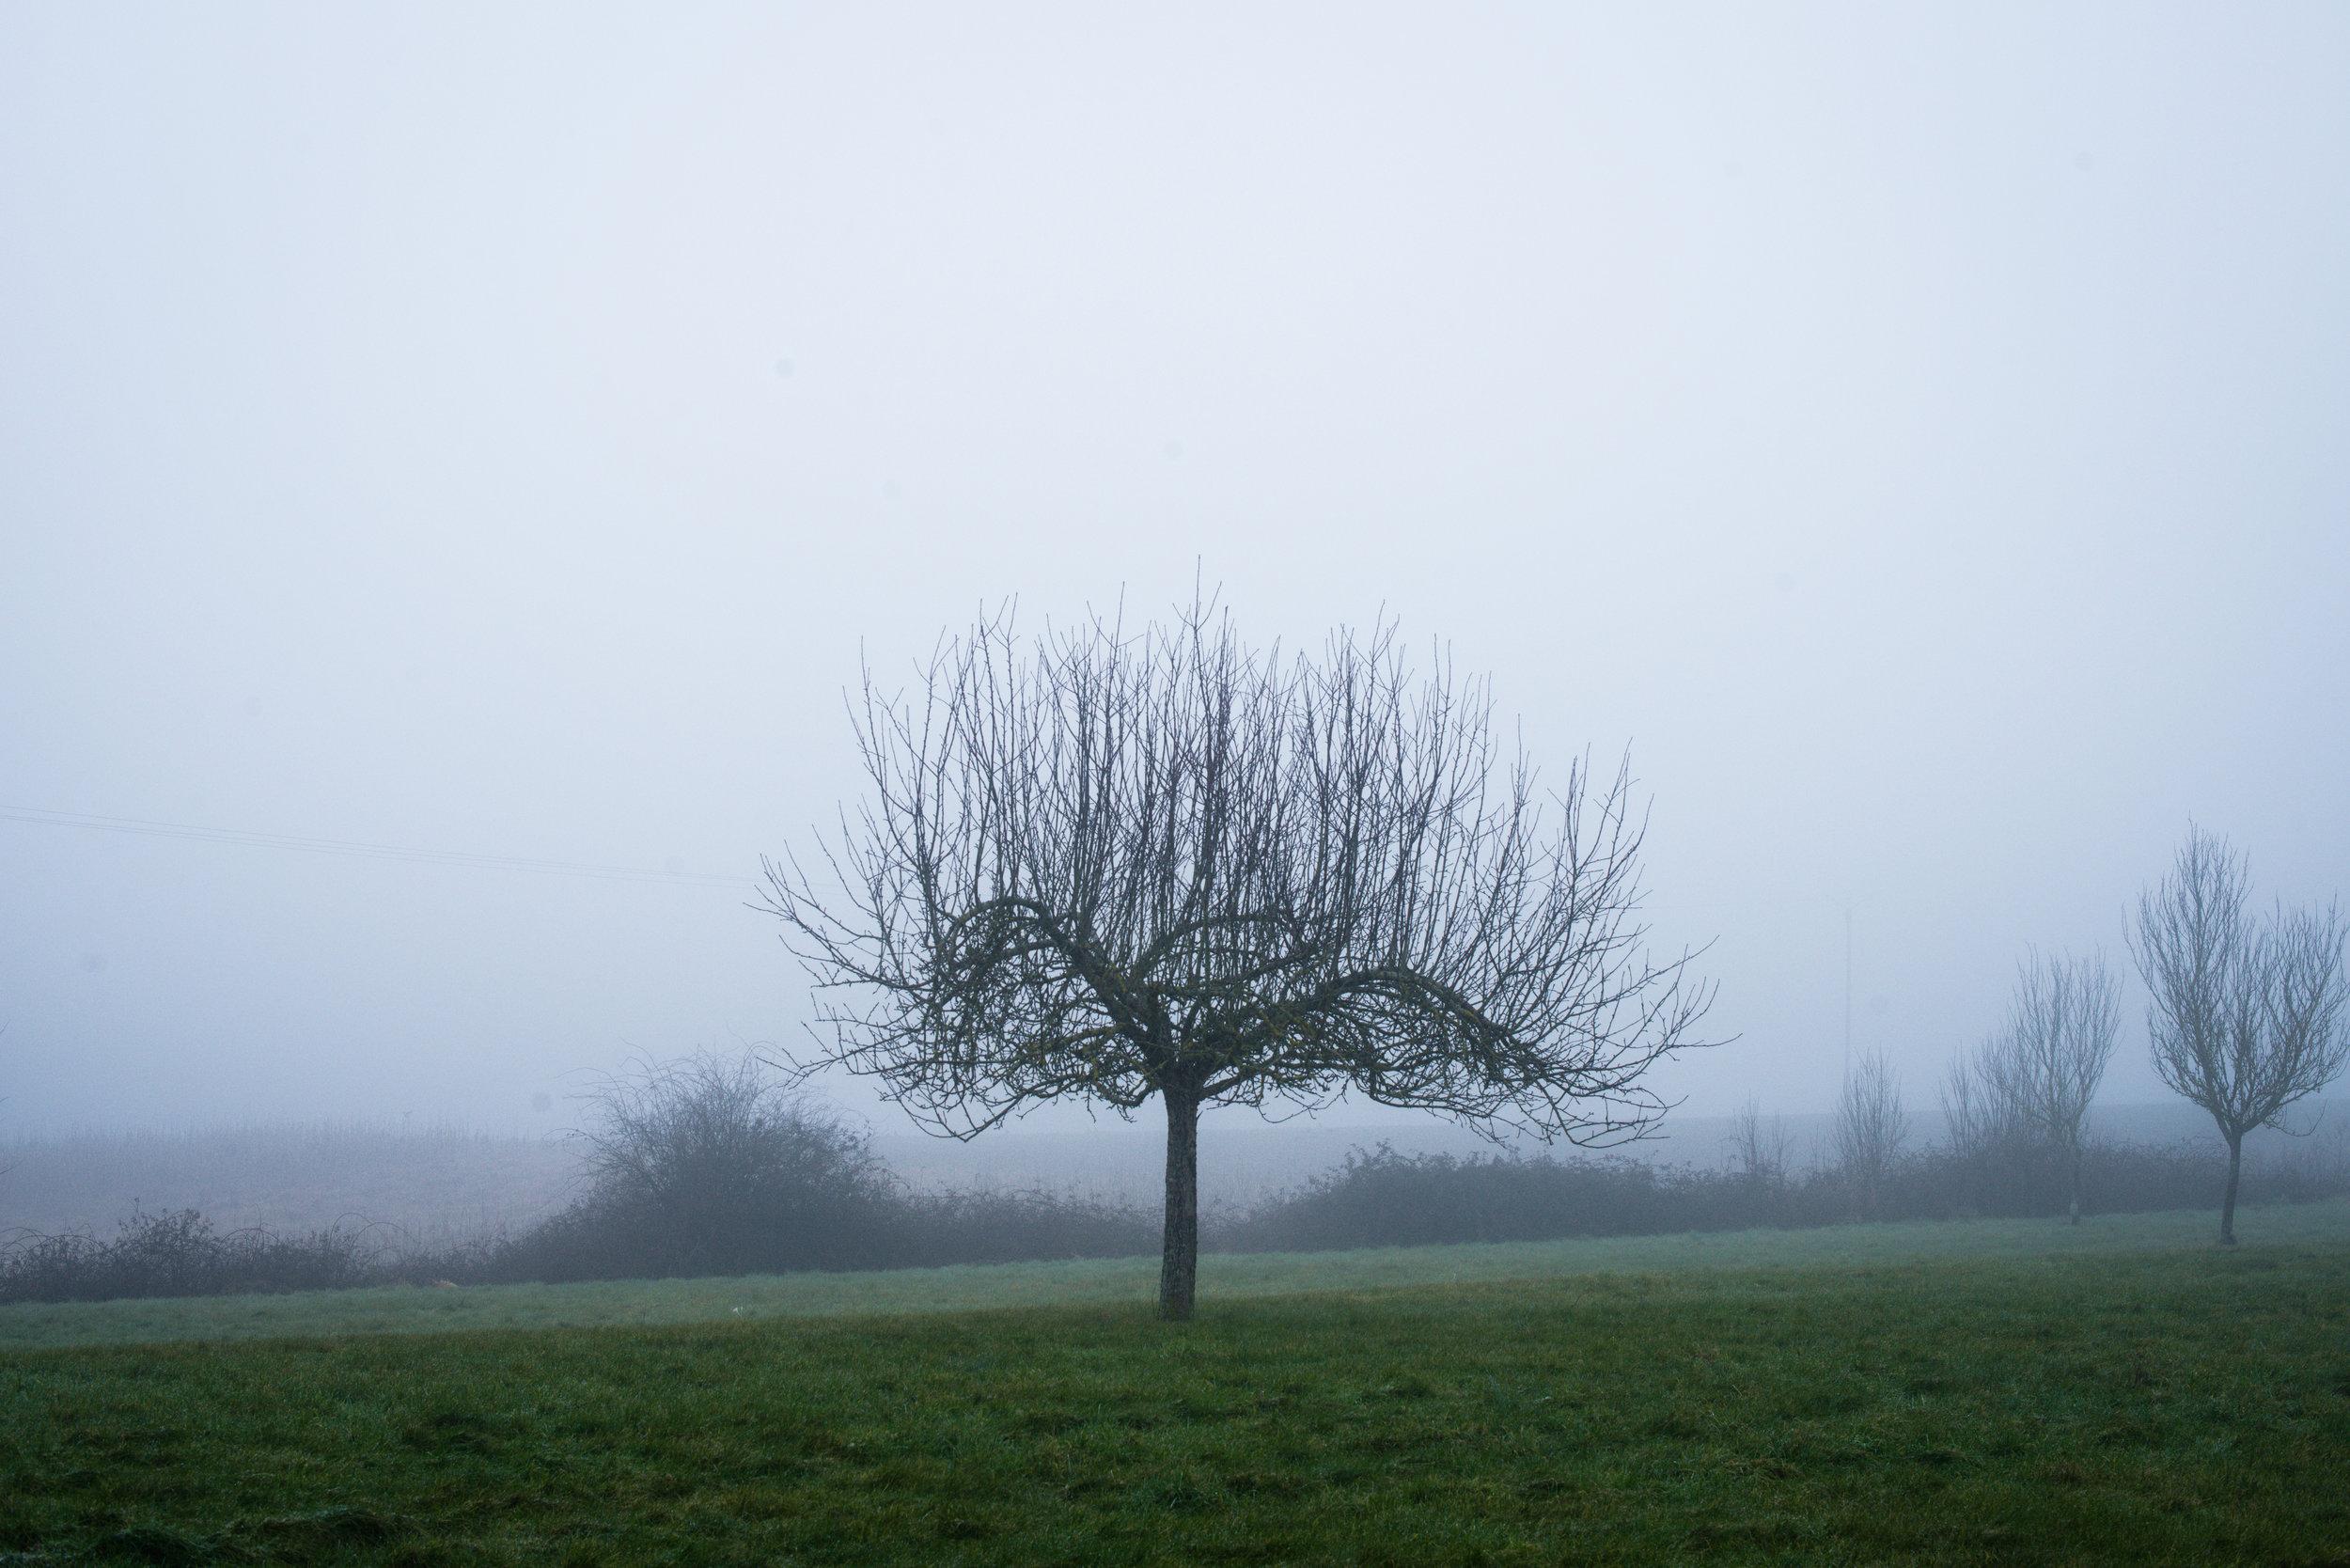 Bontin_Fog_0215-9.jpg